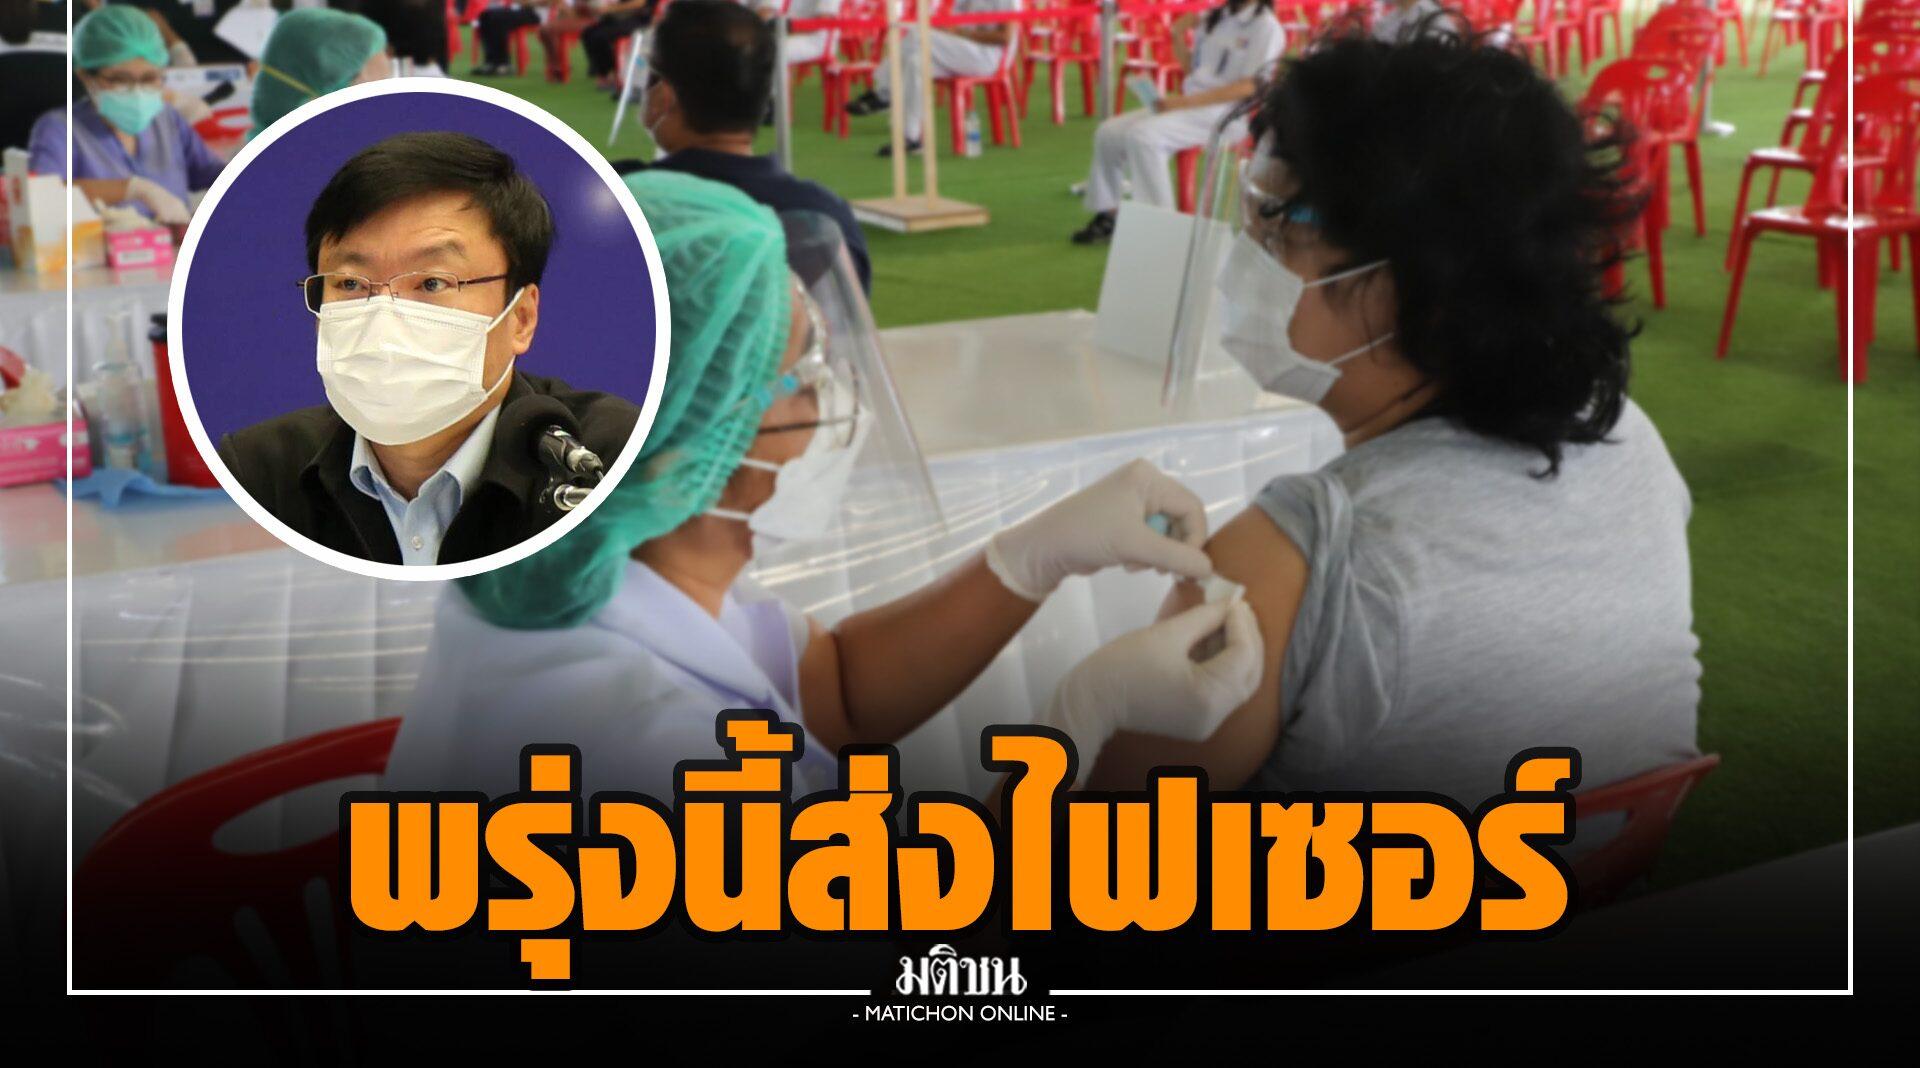 พรุ่งนี้! ส่งวัคซีนไฟเซอร์ทั่วไทย ขอ รพ.-จว.แสดงรายชื่อบุคลากรที่ได้ฉีดโปร่งใส